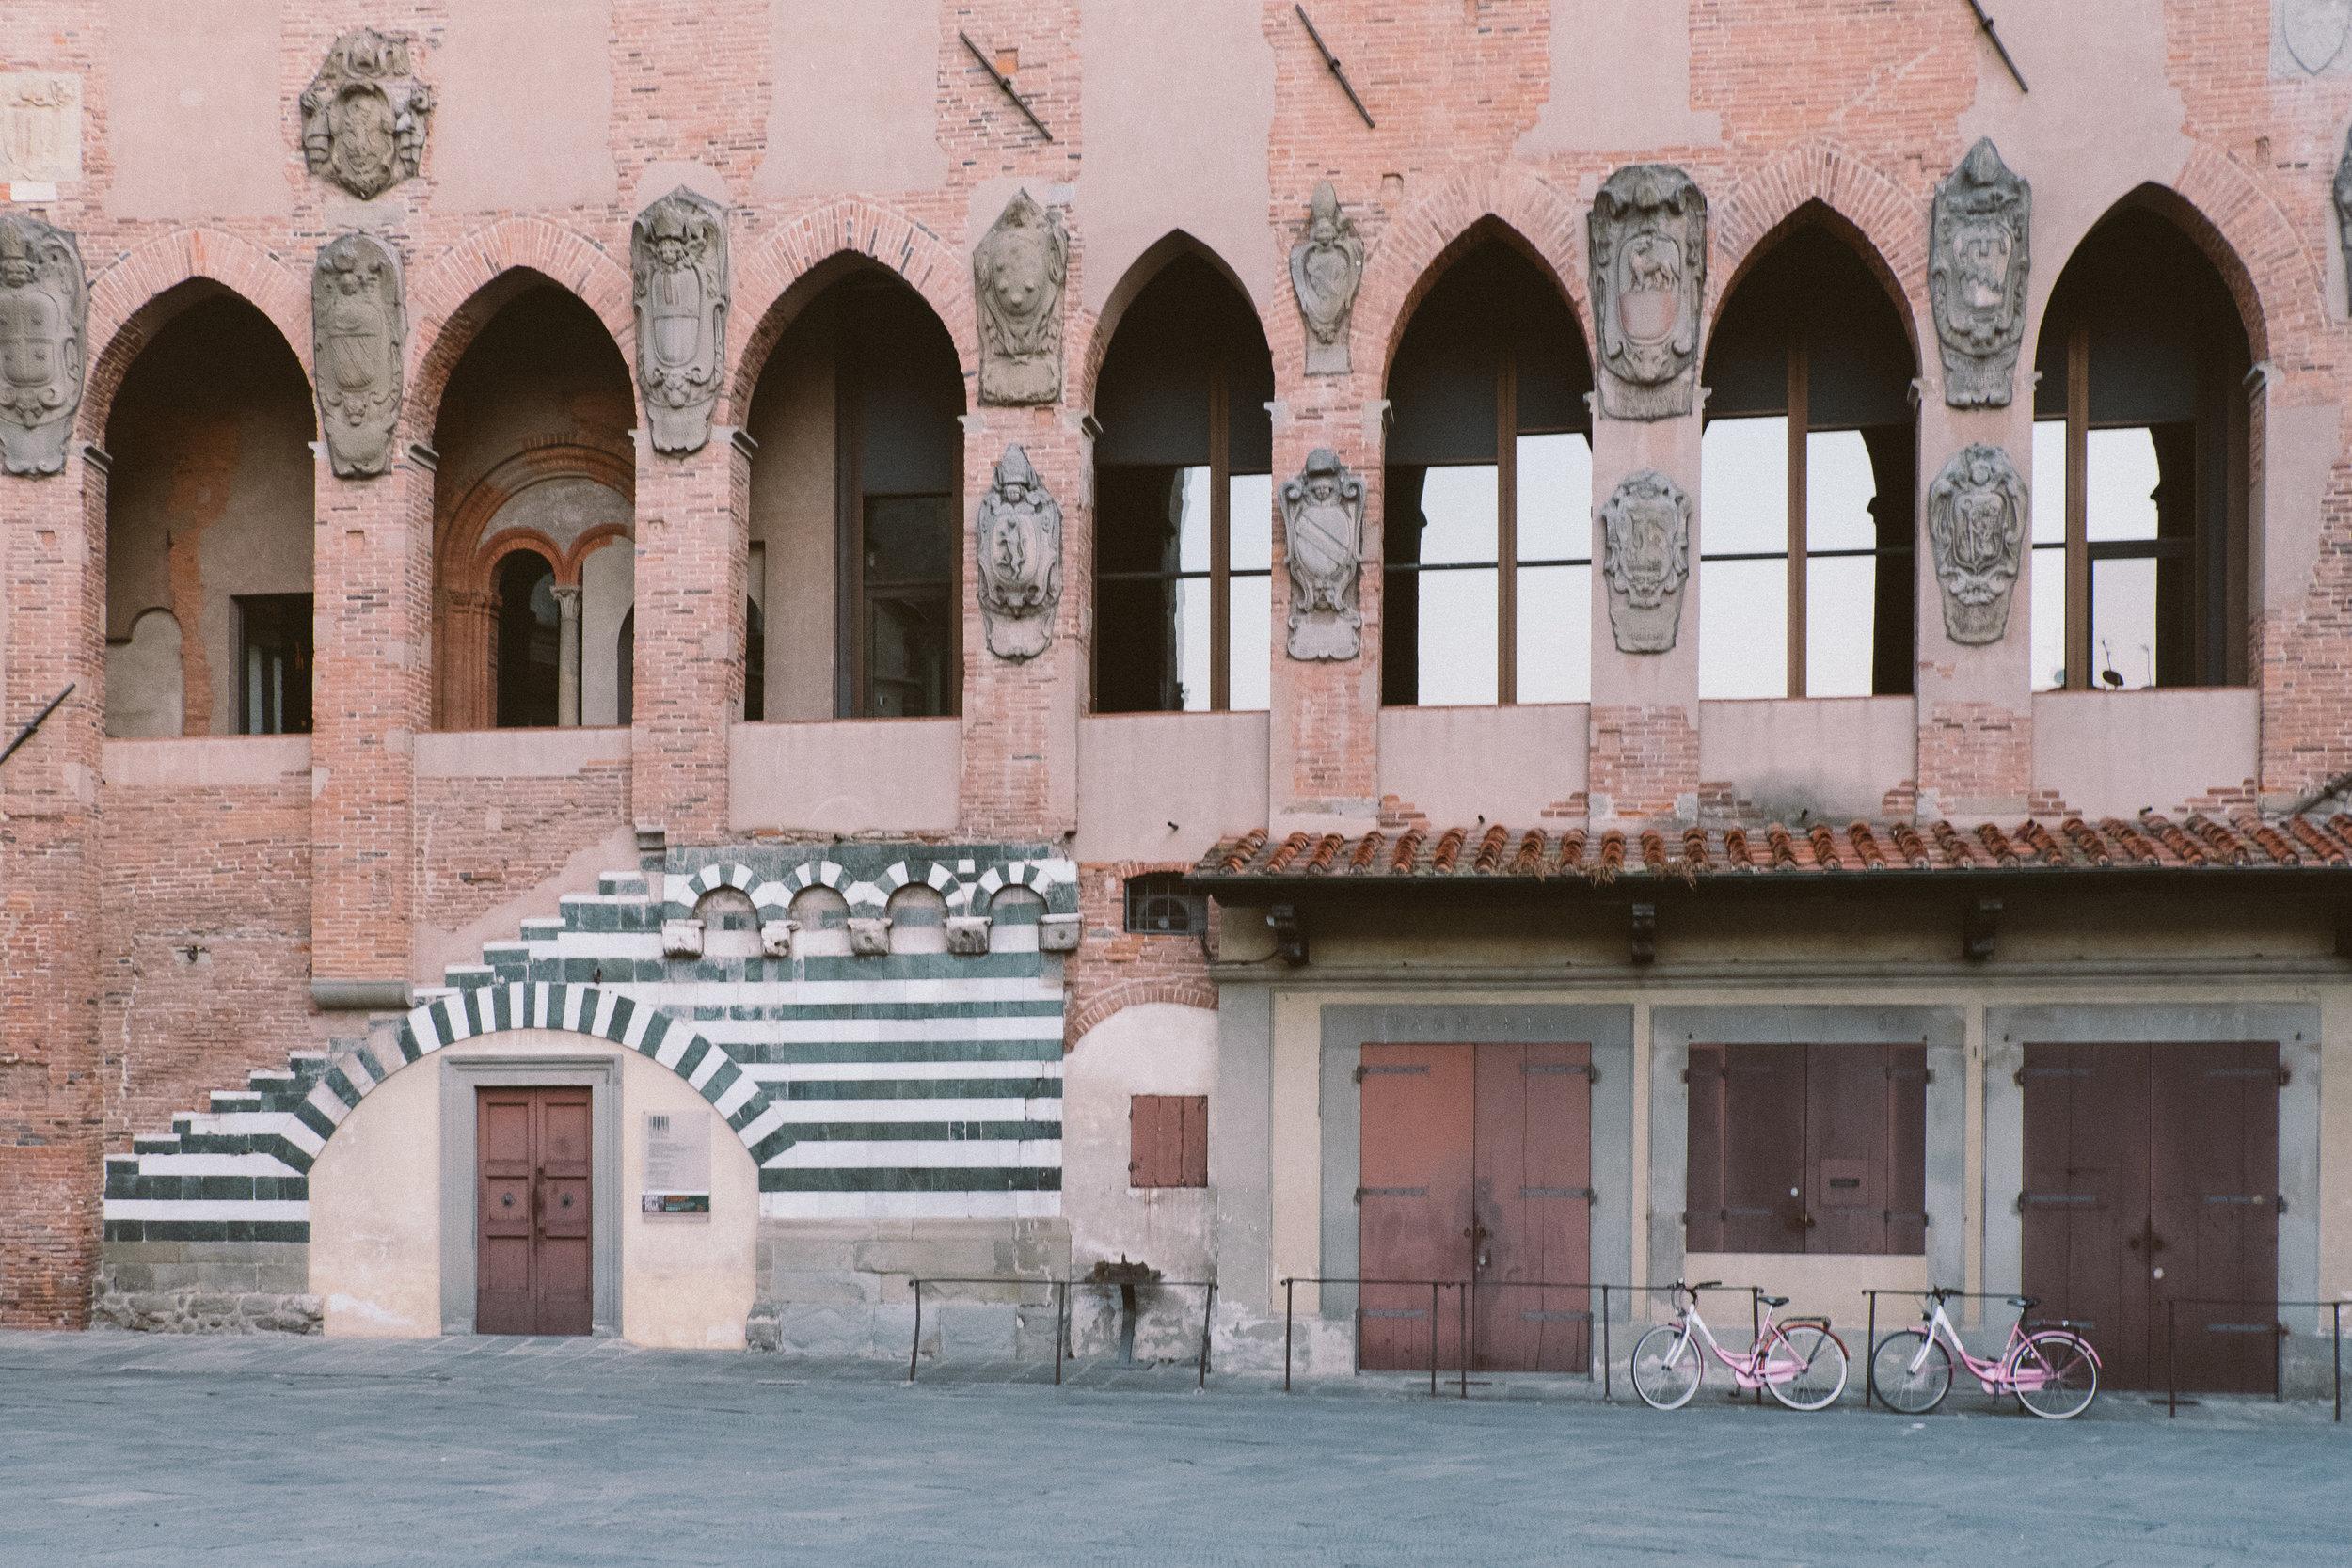 Pallazio dei Vescovi was built in 14th century